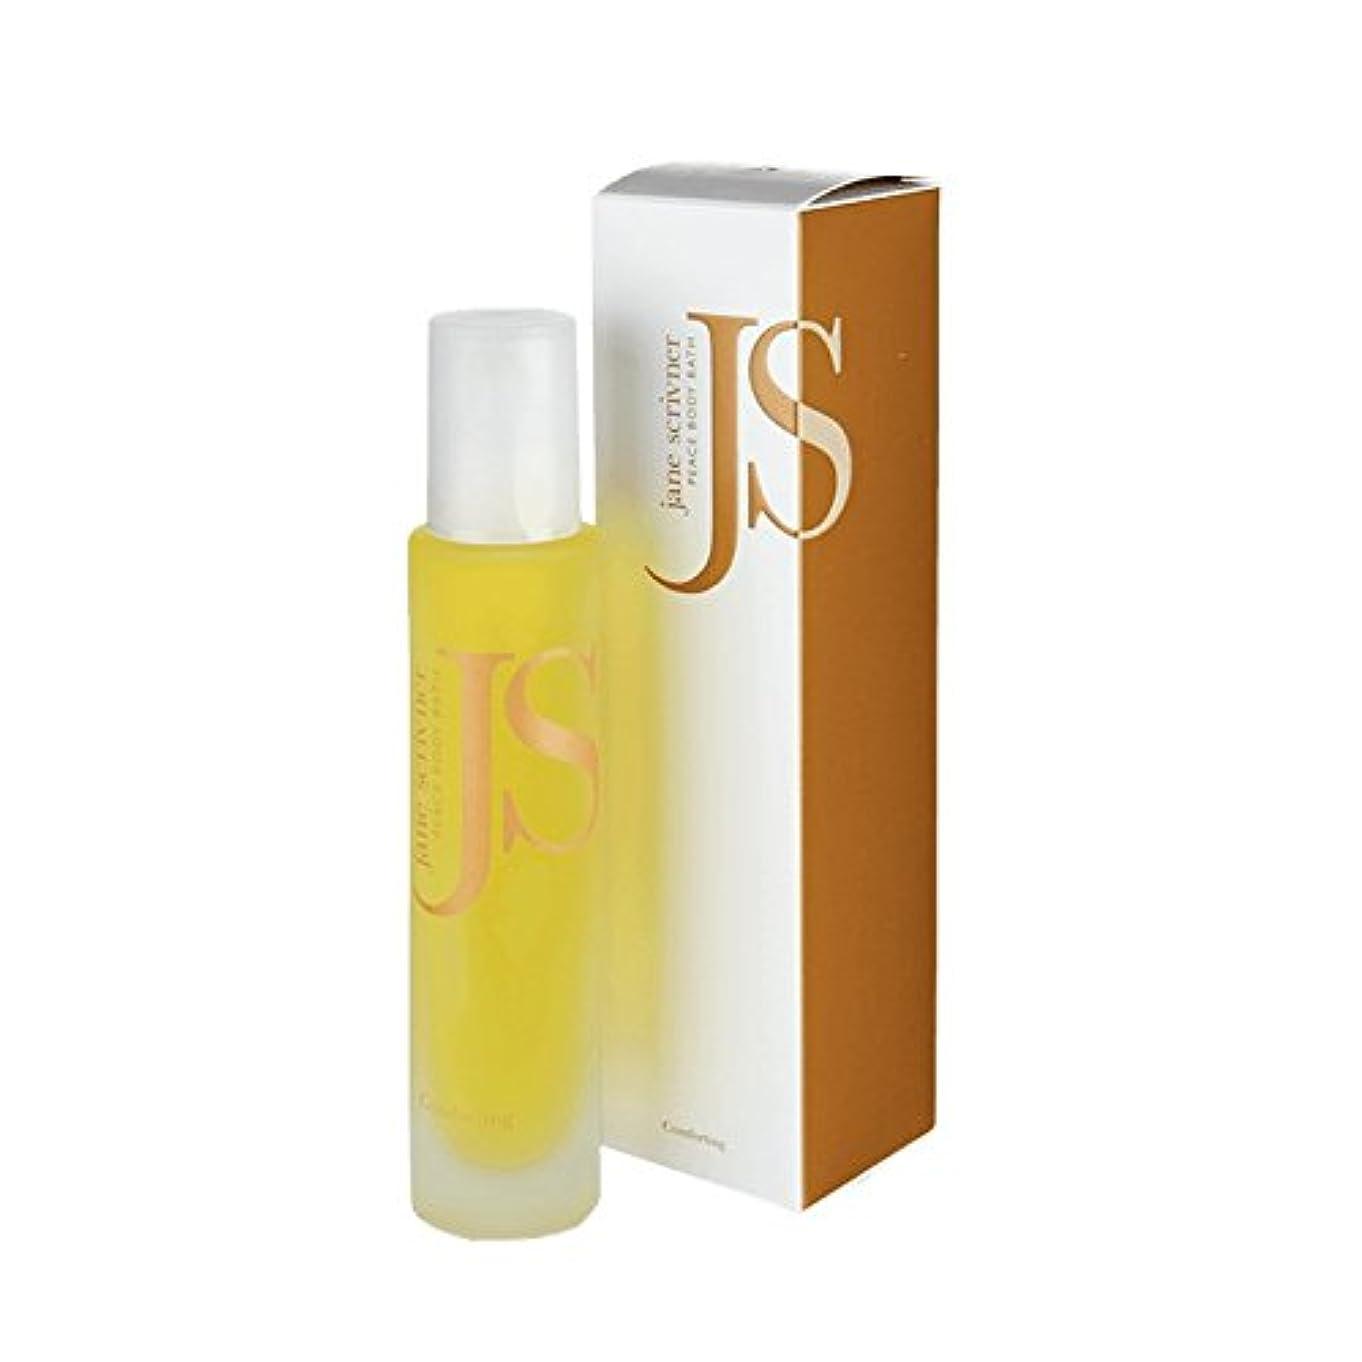 偽善レパートリー剃るJane Scrivner Body Bath Oil Peace 100ml (Pack of 2) - ジェーンScrivnerボディバスオイル平和100ミリリットル (x2) [並行輸入品]